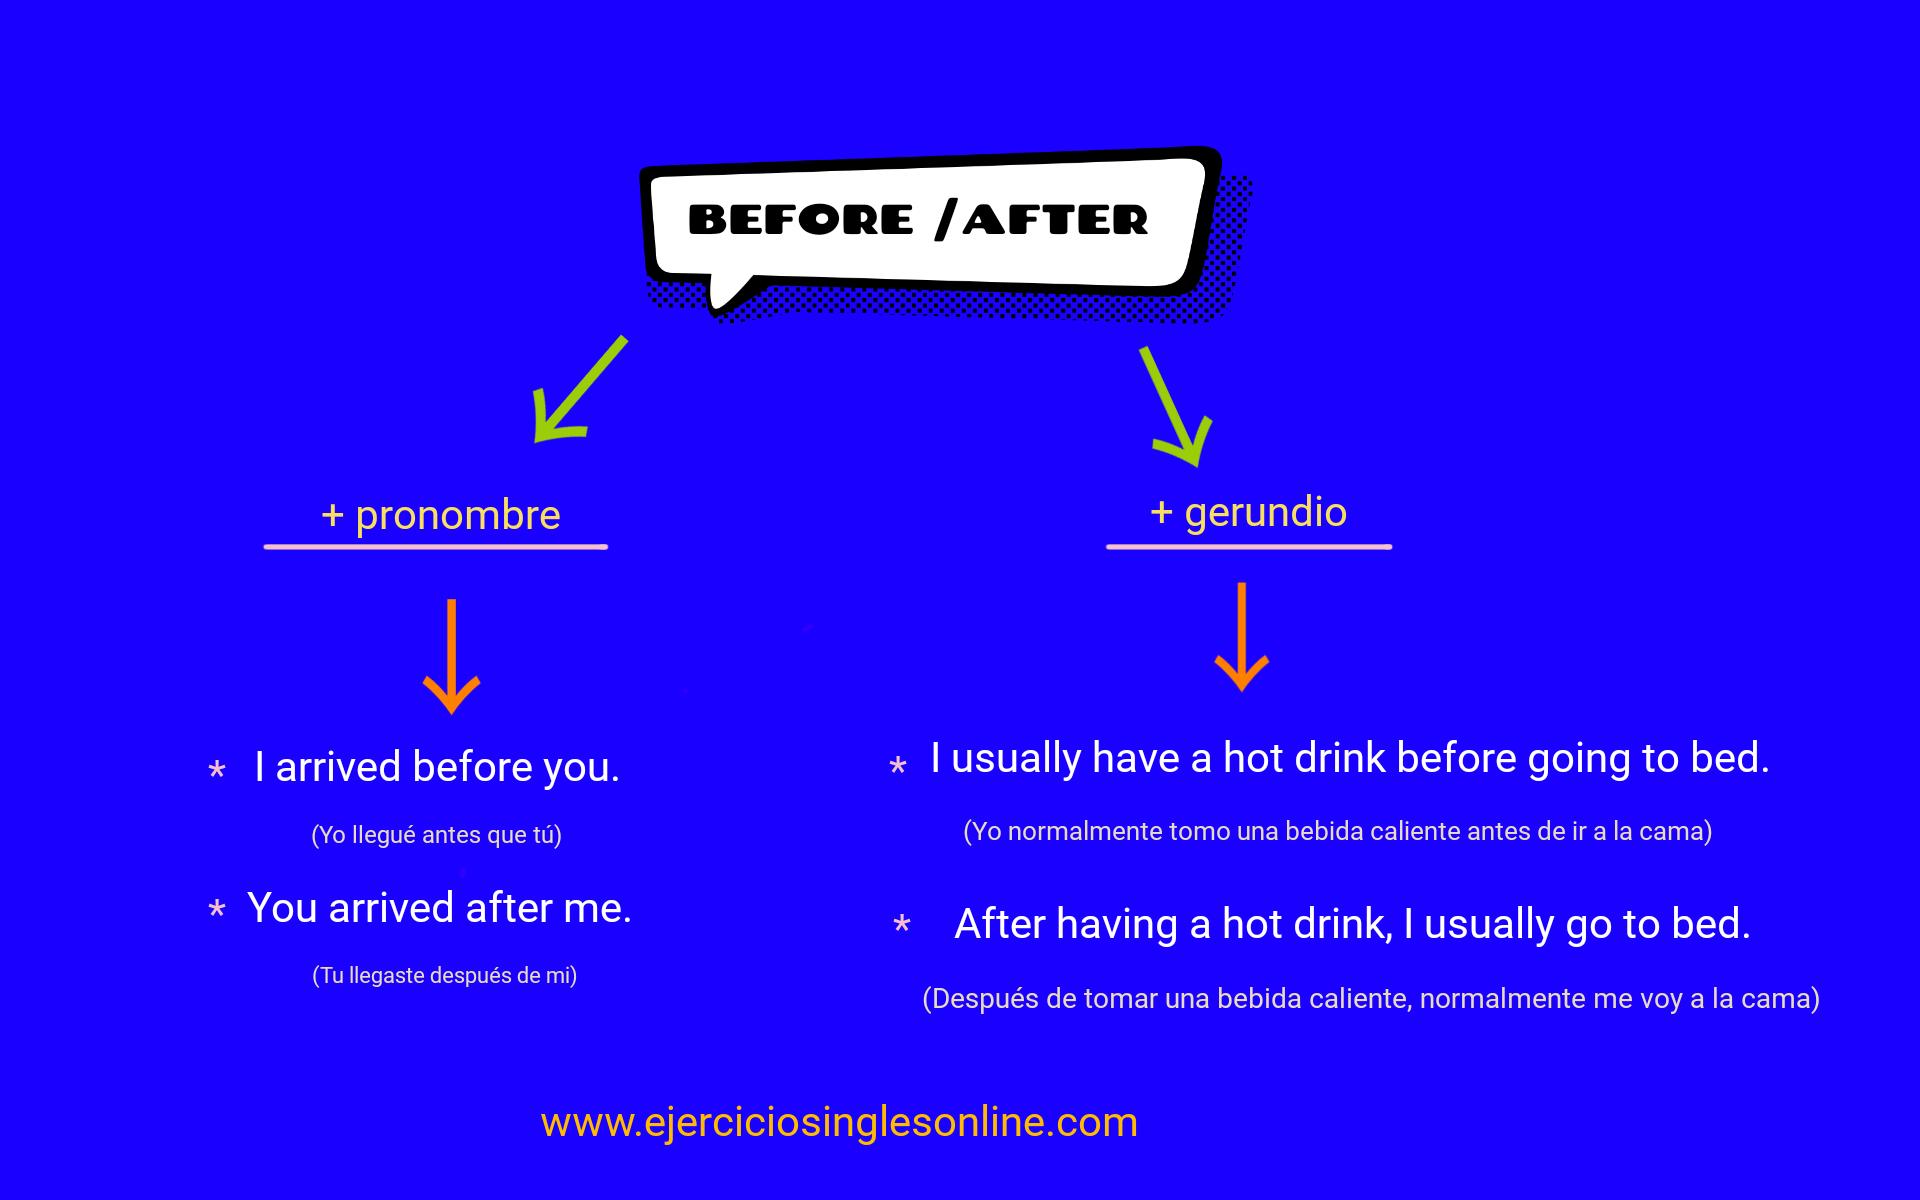 Preposiciones BEFORE y AFTER